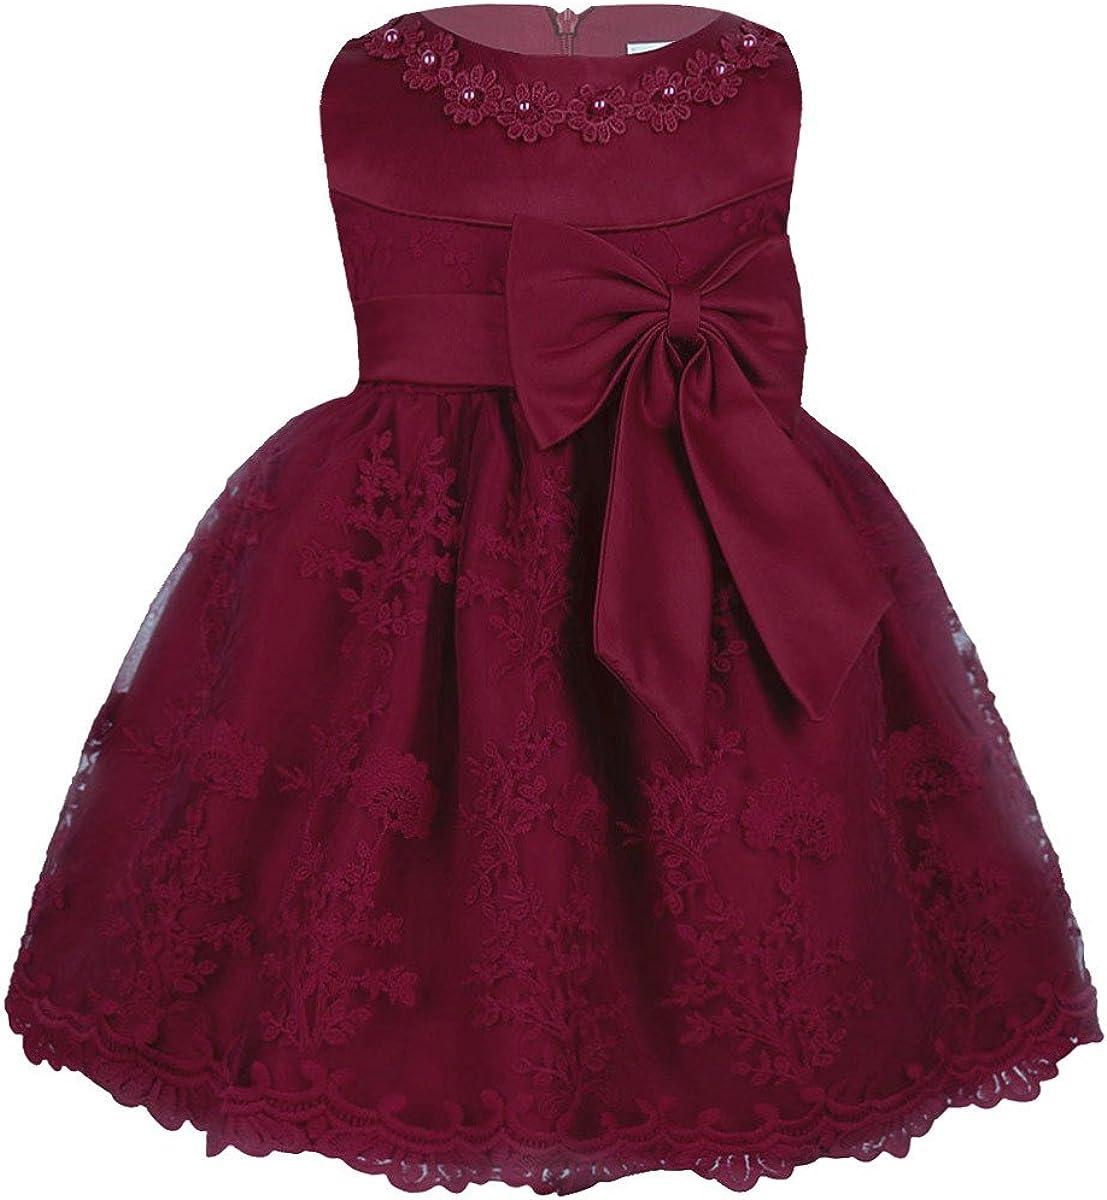 Freebily Baby M/ädchen Prinzessin Kleid Spitzen Blumenm/ädchenkleider Taufkleid Festlich Kleid Hochzeit Partykleid Festzug Babybekleidung